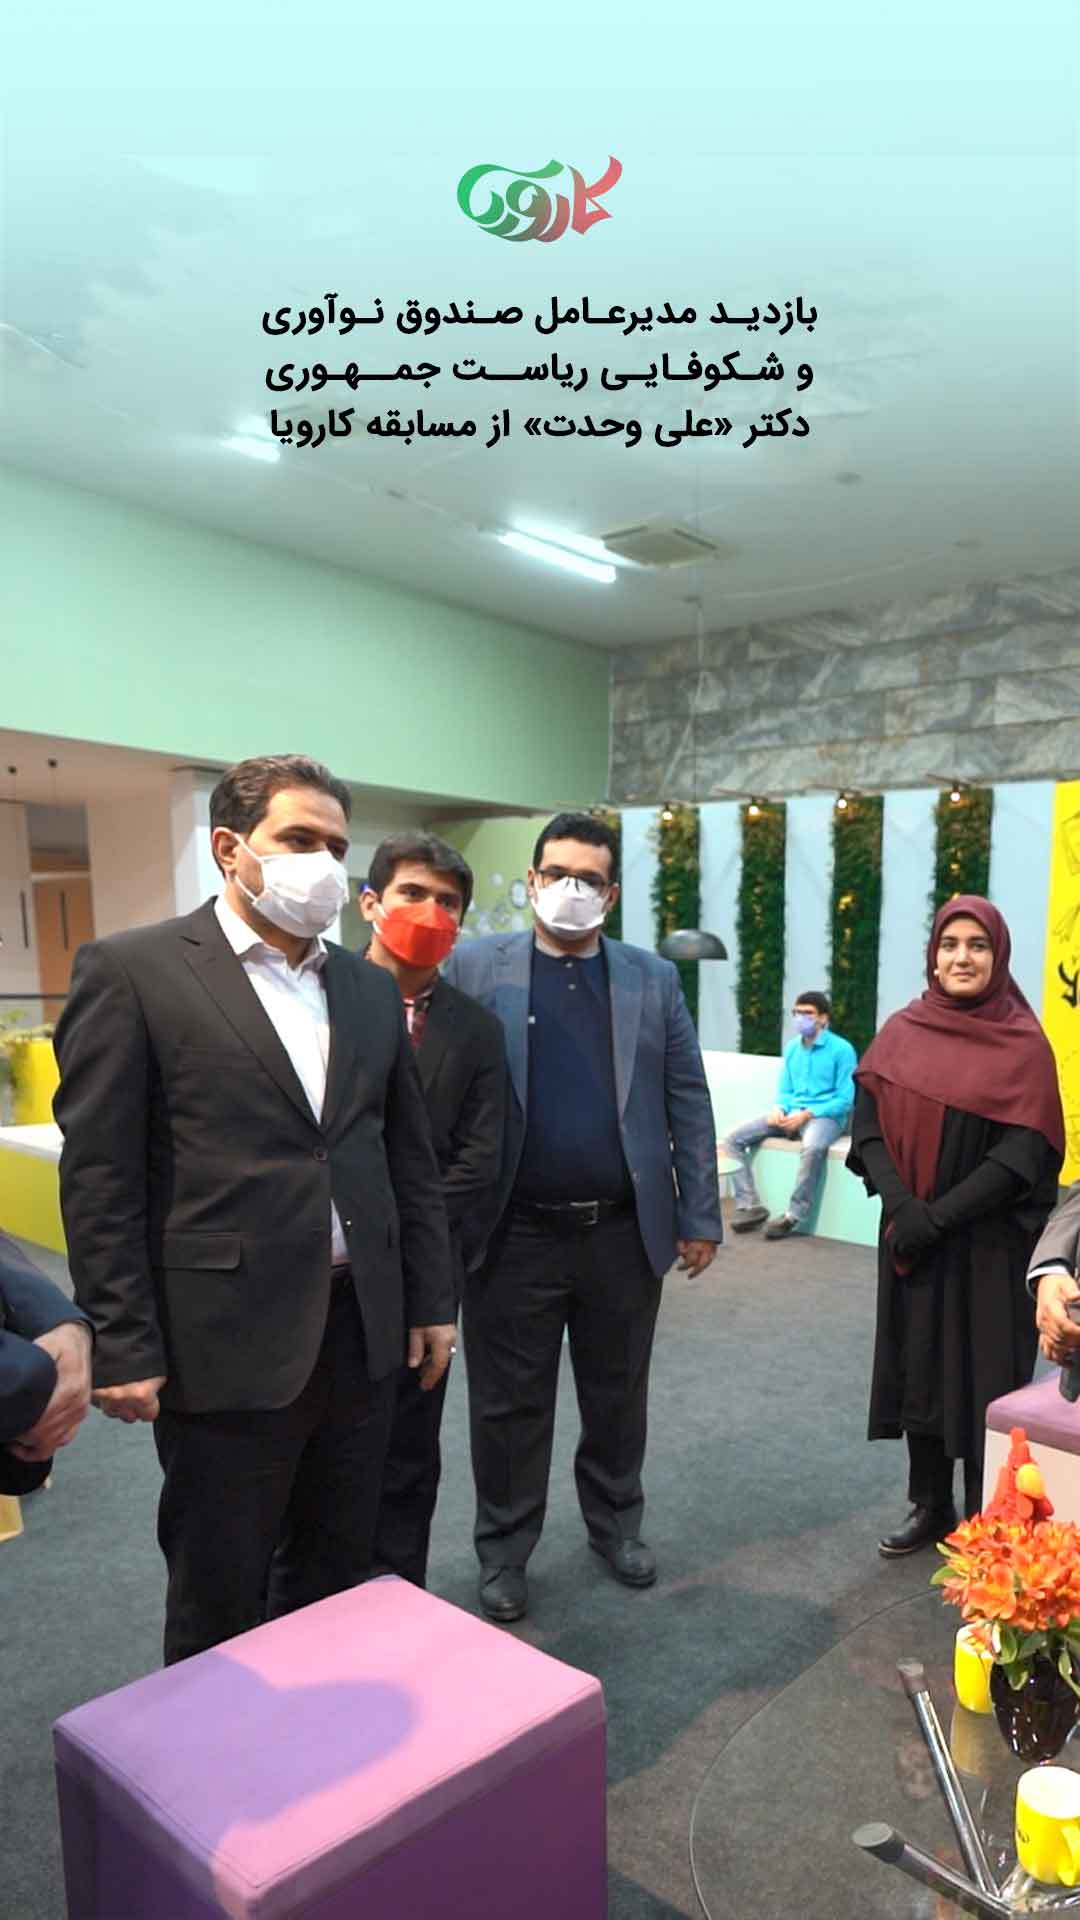 بازدید دکتر علی وحدت از مسابقه کارویا